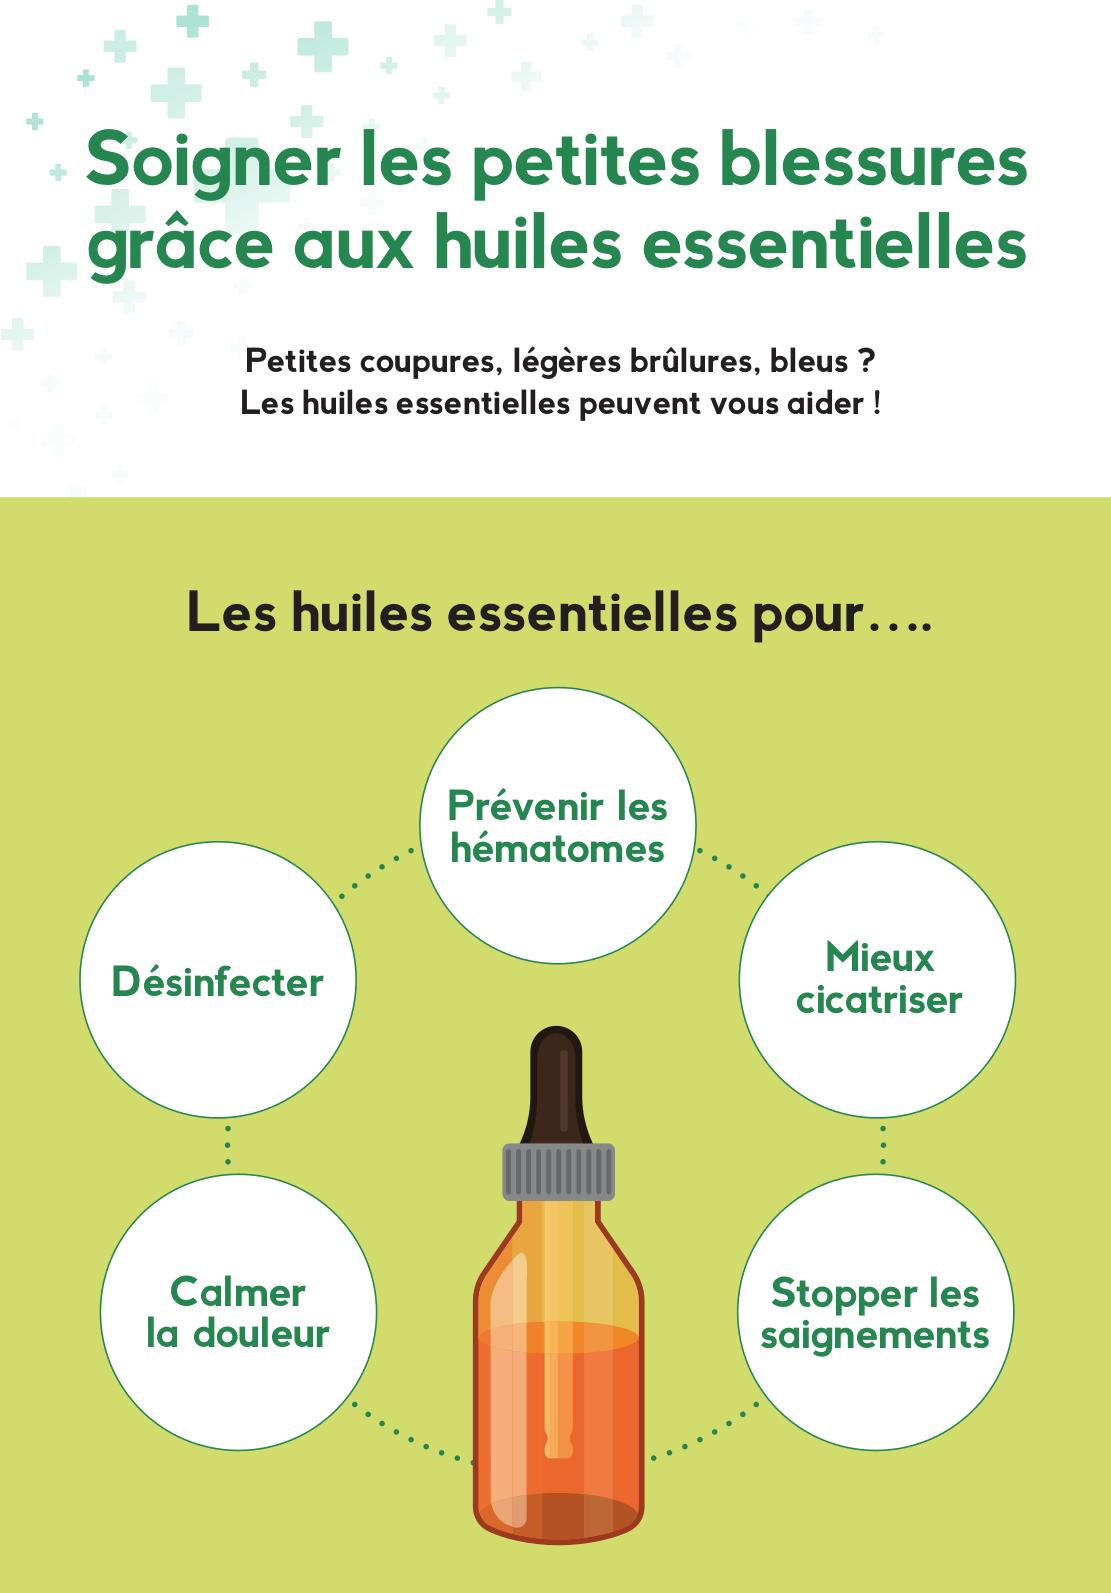 Quelle est la meilleure huile essentielle?